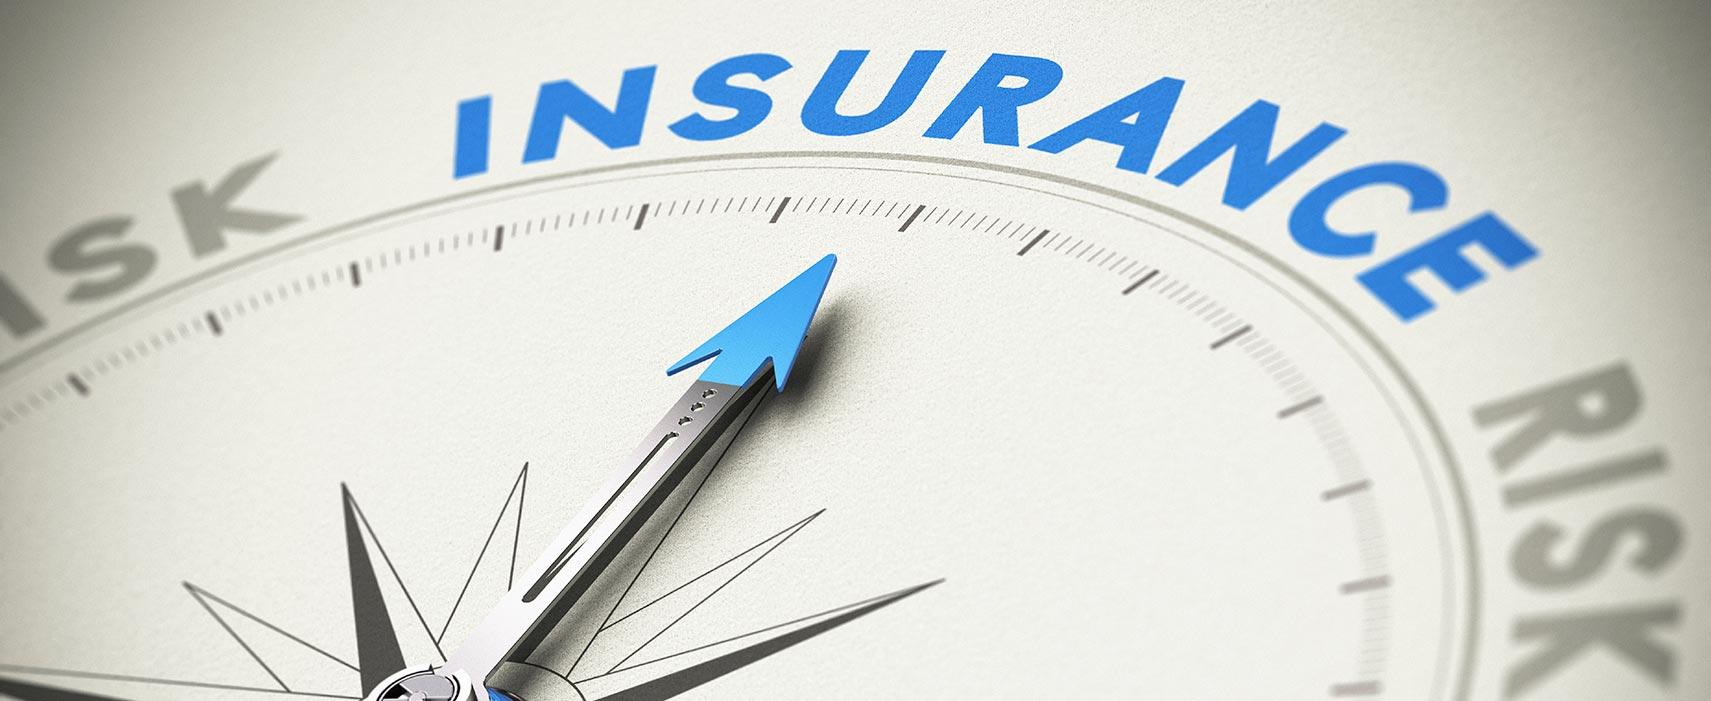 Những quy định của Pháp Luật về vấn đề bảo hiểm: Hiểu để đảm bảo quyền lợi.